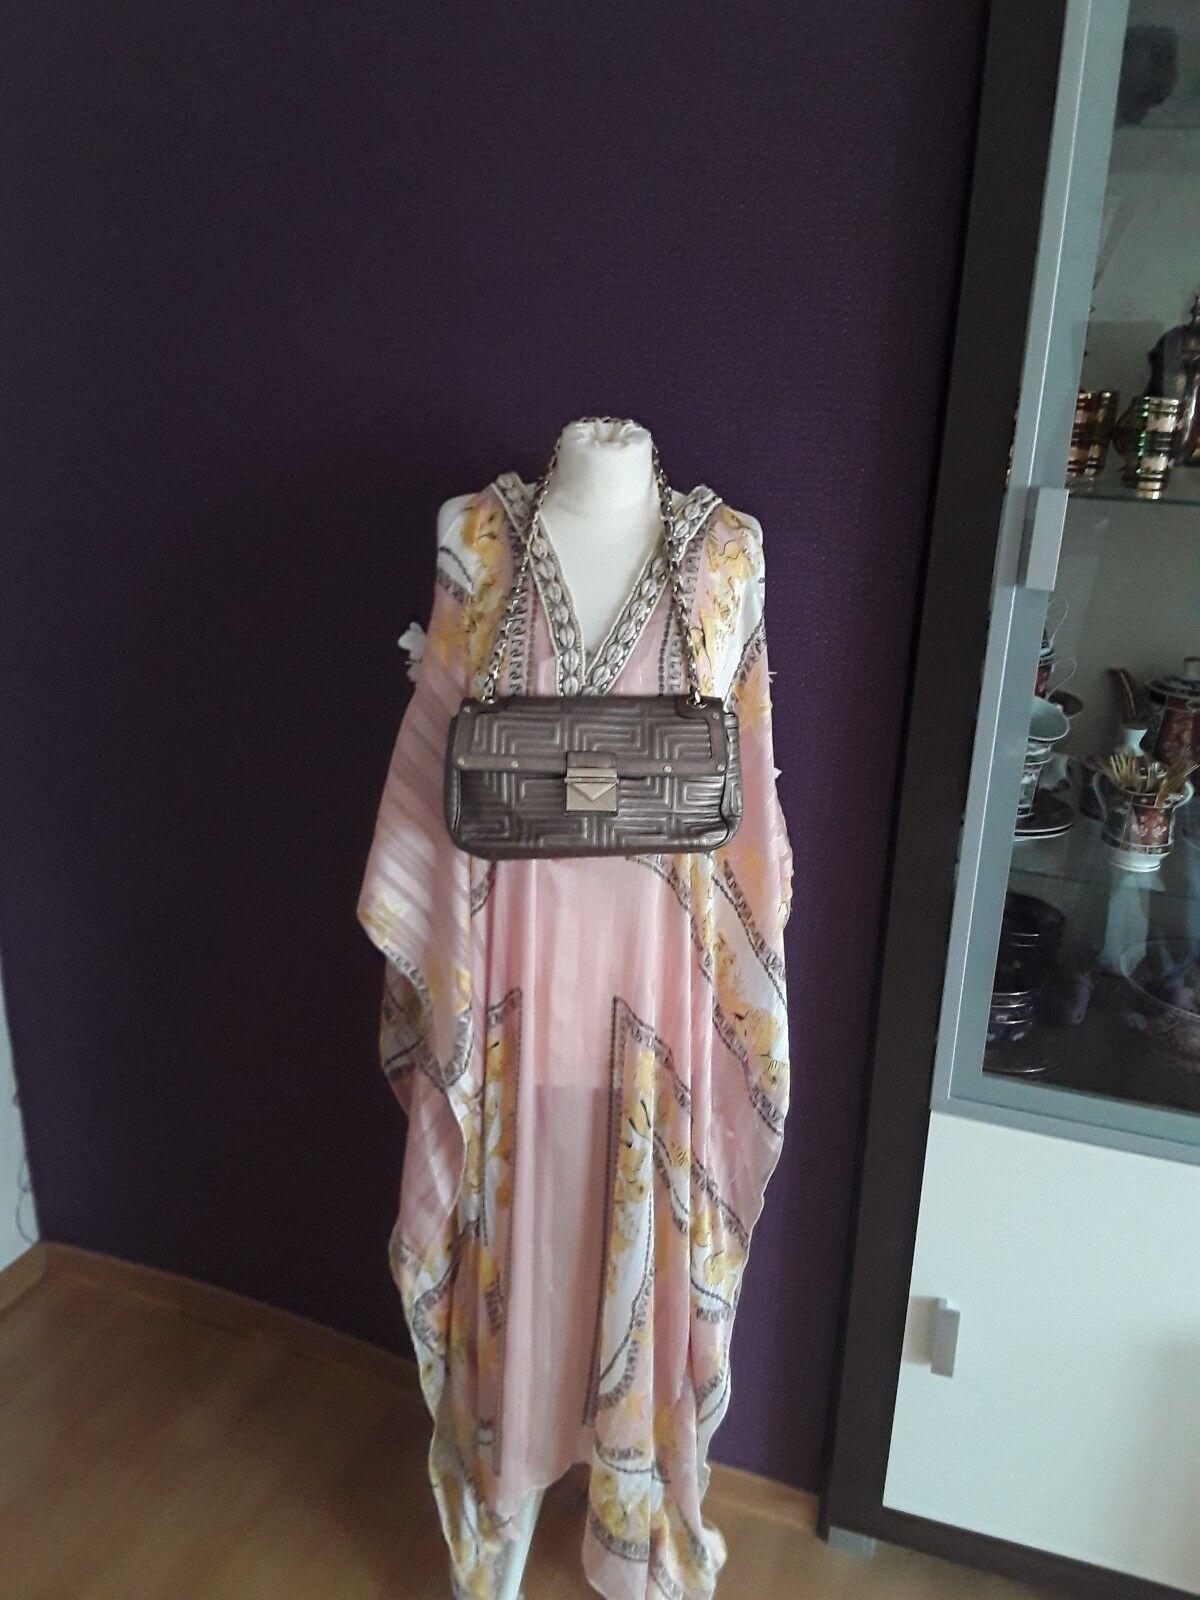 Versace Taschen | Luxus  Luxus  Luxus  | Mittlere Kosten  | Attraktive Mode  5bb548